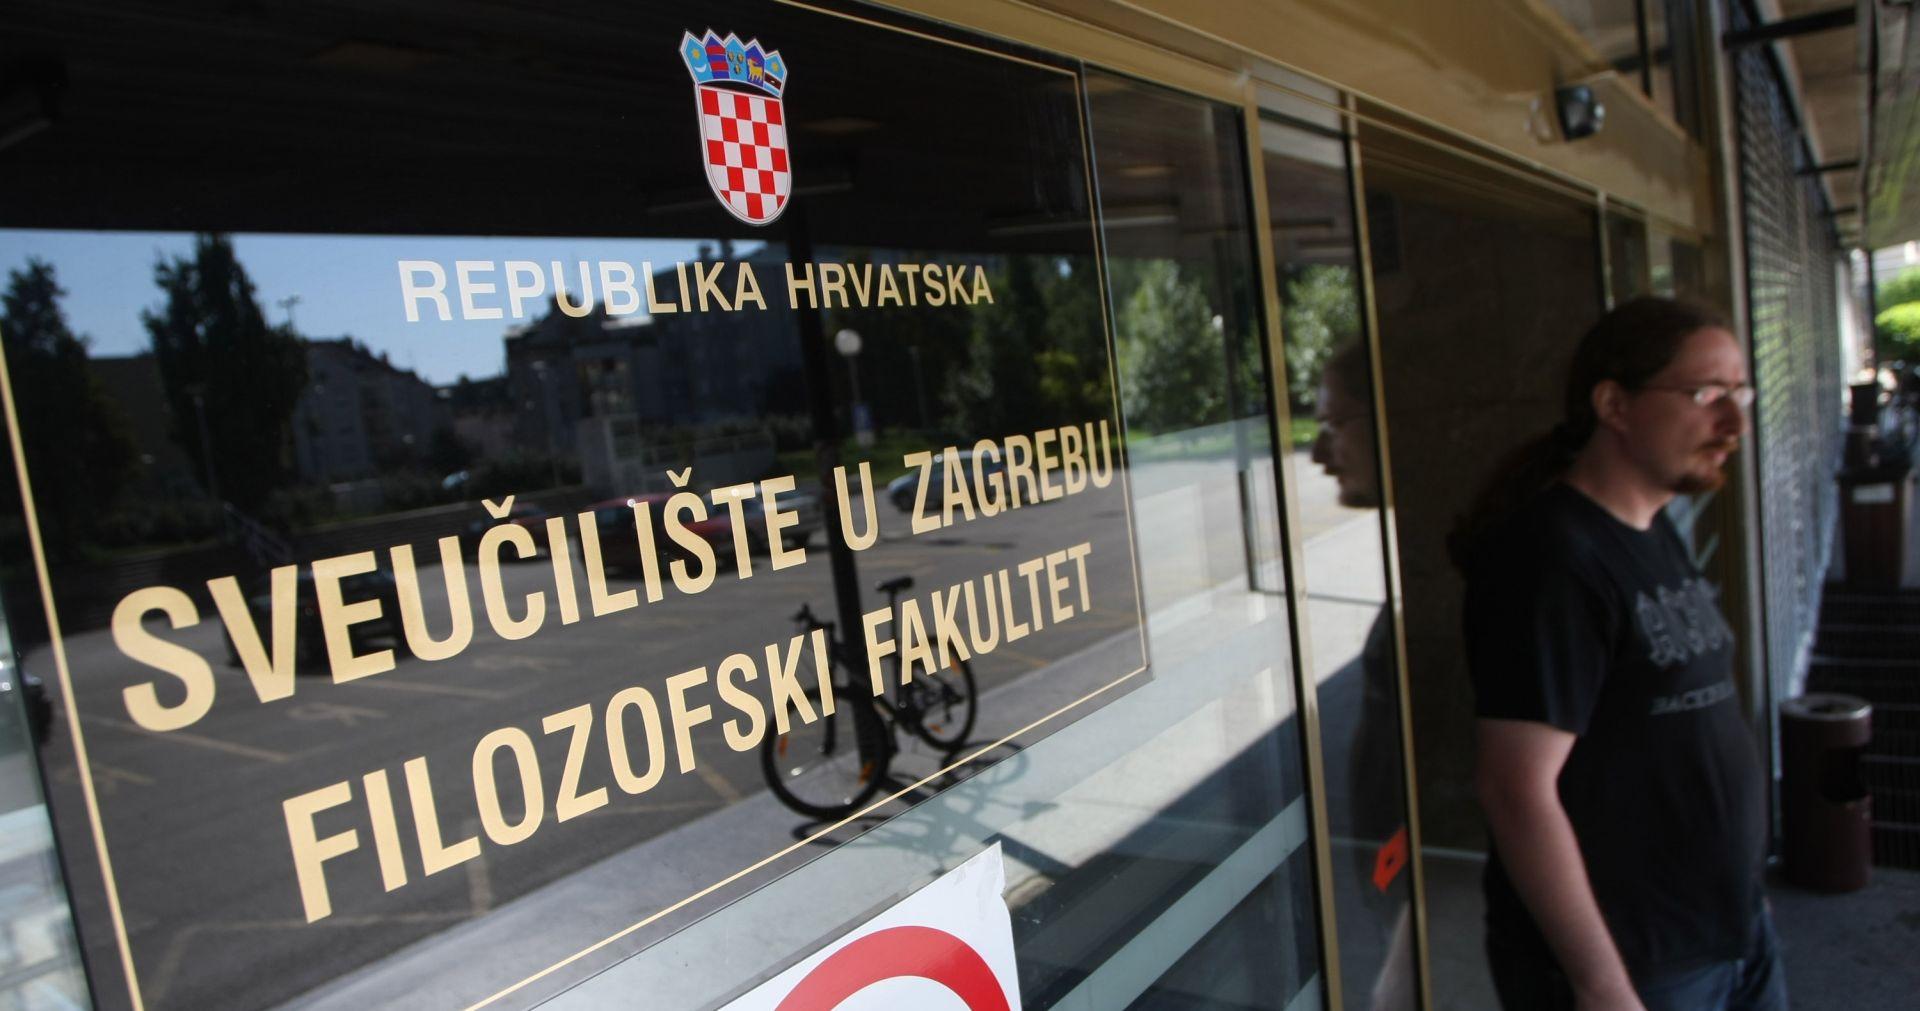 """FFZG Rektor raspustio Studentski zbor, na fakultetu zaštitari, studenti poručuju: """"Poduzet ćemo sve da zaštitimo ugled fakulteta"""""""